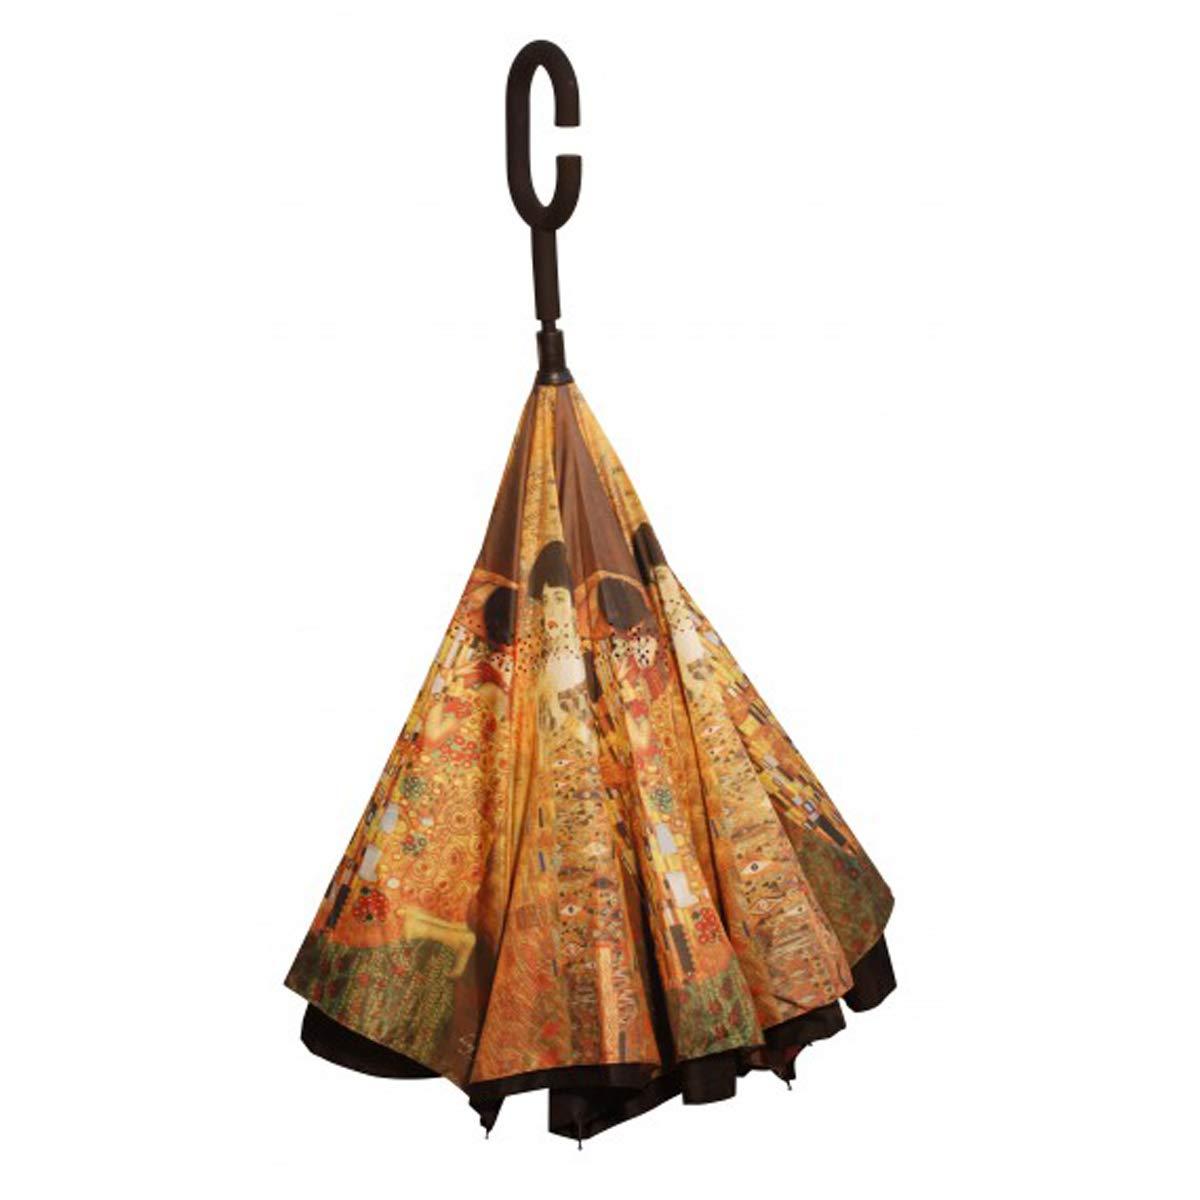 Les Trésors De Lily [Q3102] - Caña de Paraguas (LLeess IInnvveerrss é SS) Gustav Klimt - 79.5 cm.: Amazon.es: Equipaje